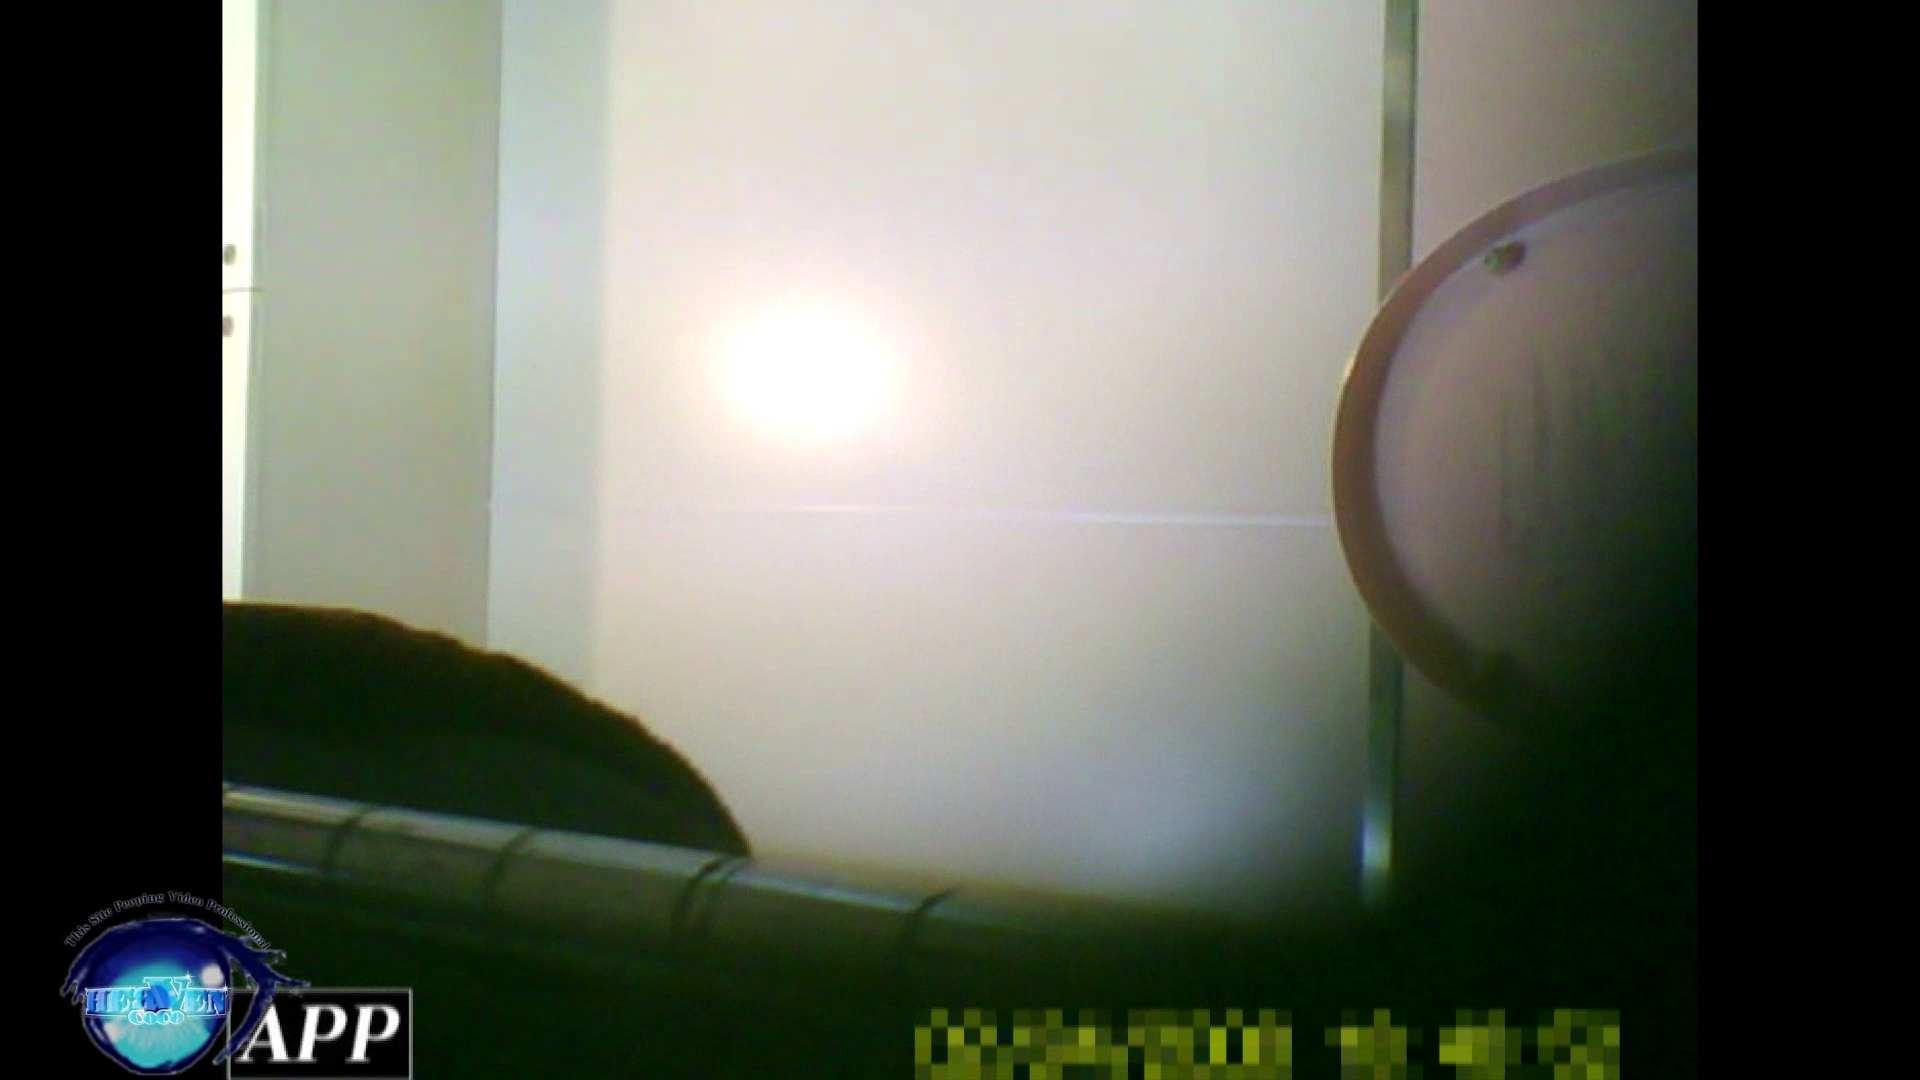 三つ目で盗撮 vol.01 肛門丸見え 盗み撮り動画キャプチャ 103pic 34